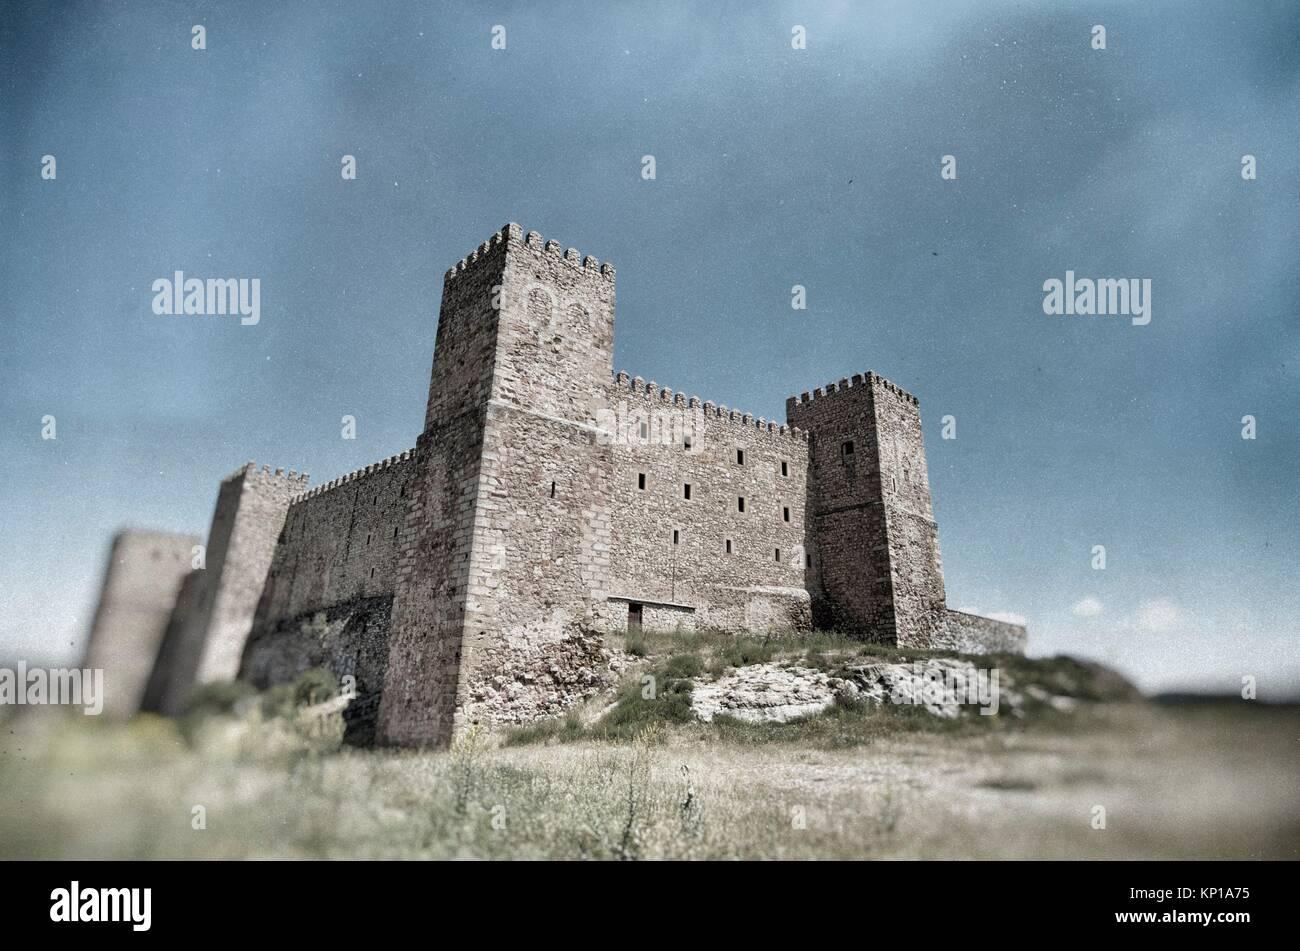 Siguenza Castle, of Arab origin was built in the 12th century is now Parador Nacional de Turismo, Guadalajara, Castilla - Stock Image